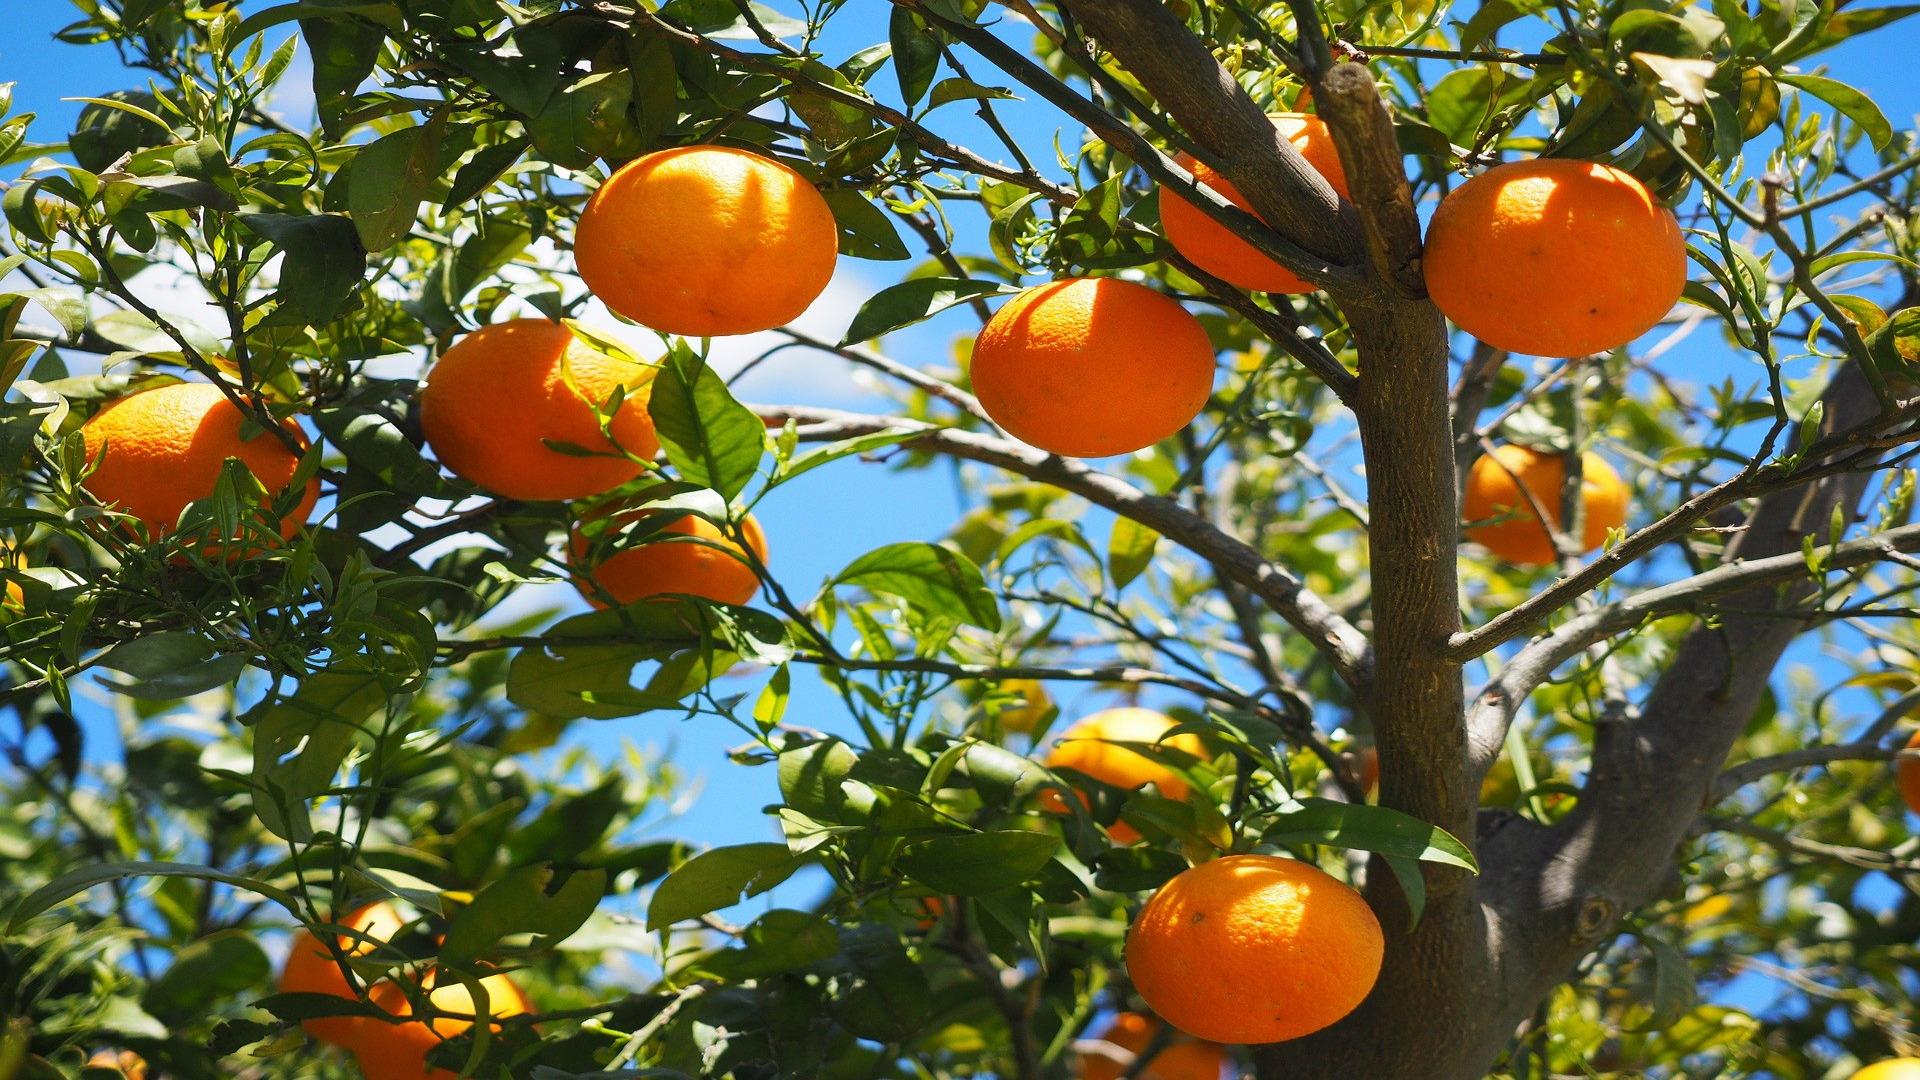 Gracias a un nuevo metodo ya se puede diferenciar las naranjas ecologicas de las convencionales.1920